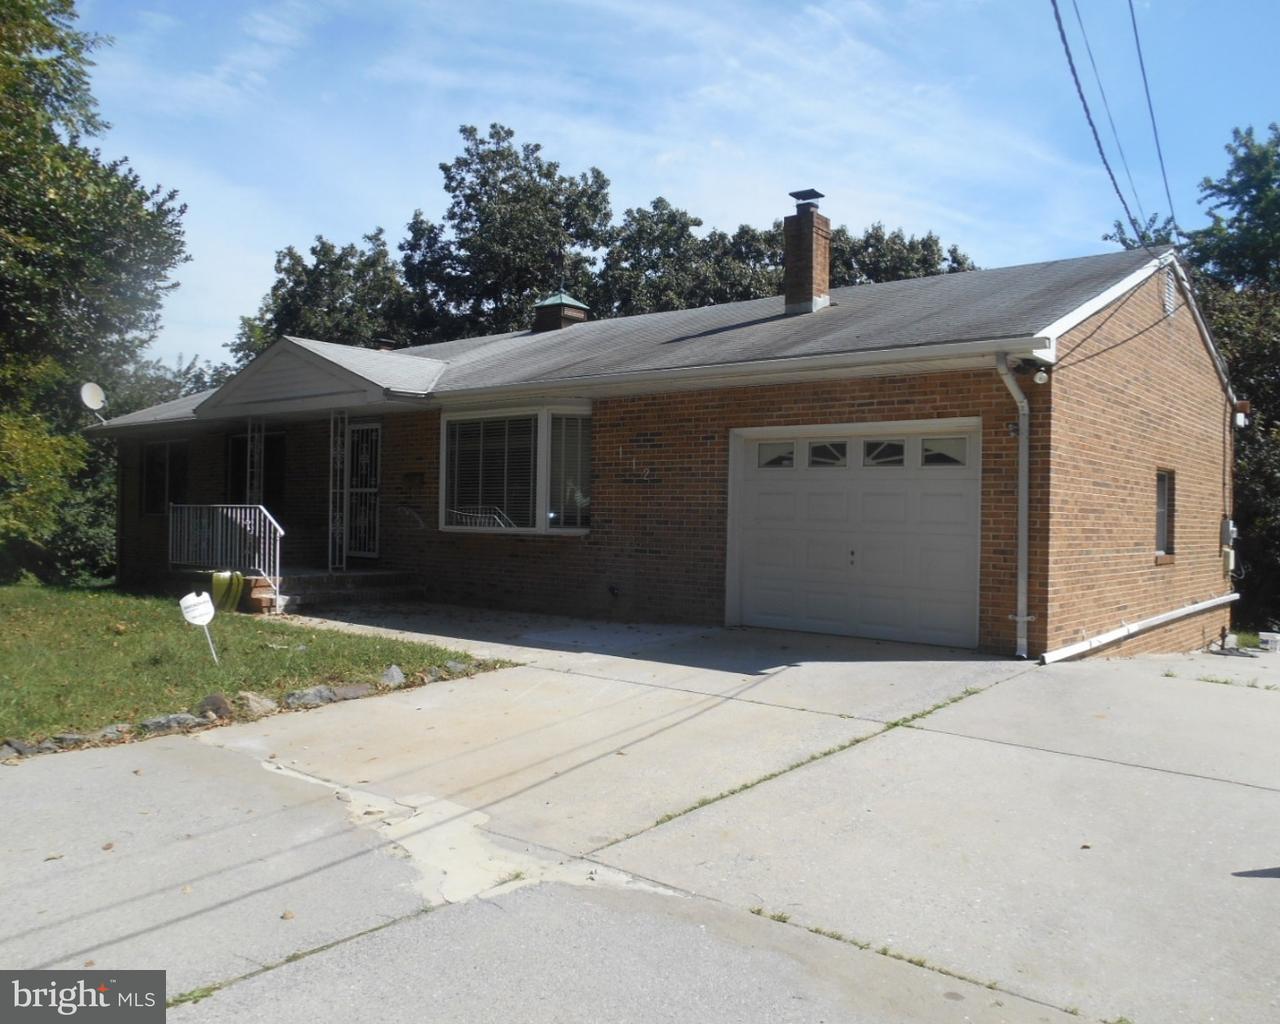 一戸建て のために 売買 アット 112 MOTT Street Lawnside, ニュージャージー 08045 アメリカ合衆国